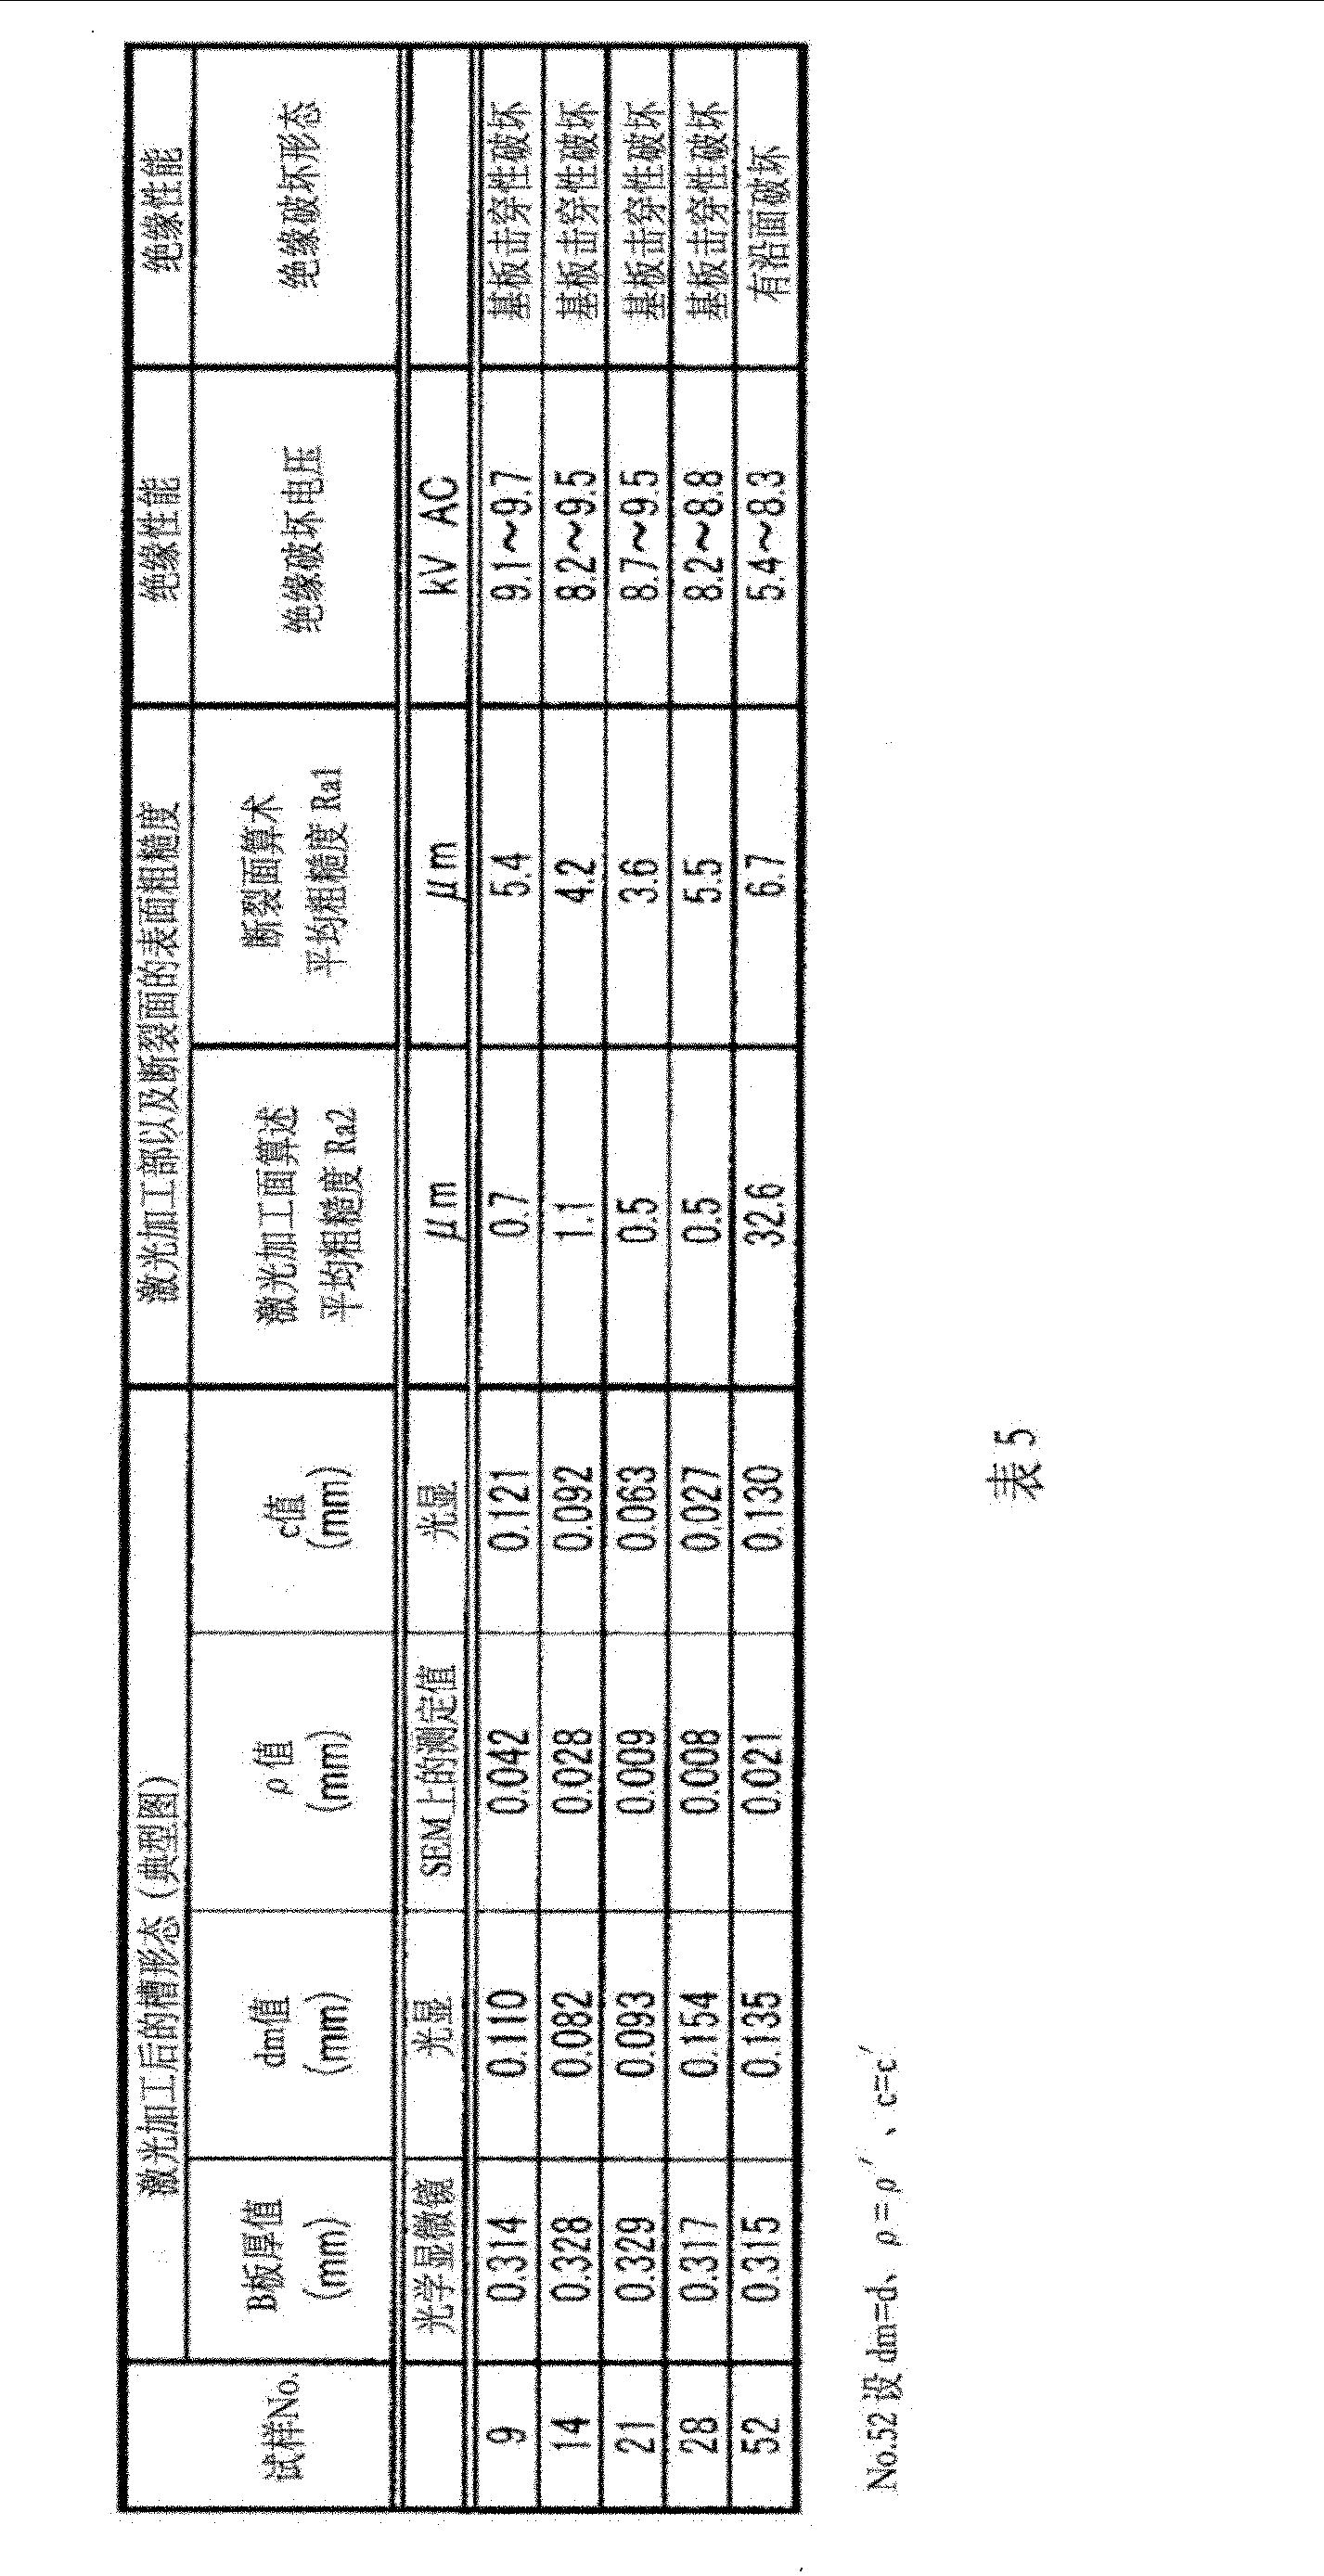 patent cn102132635a